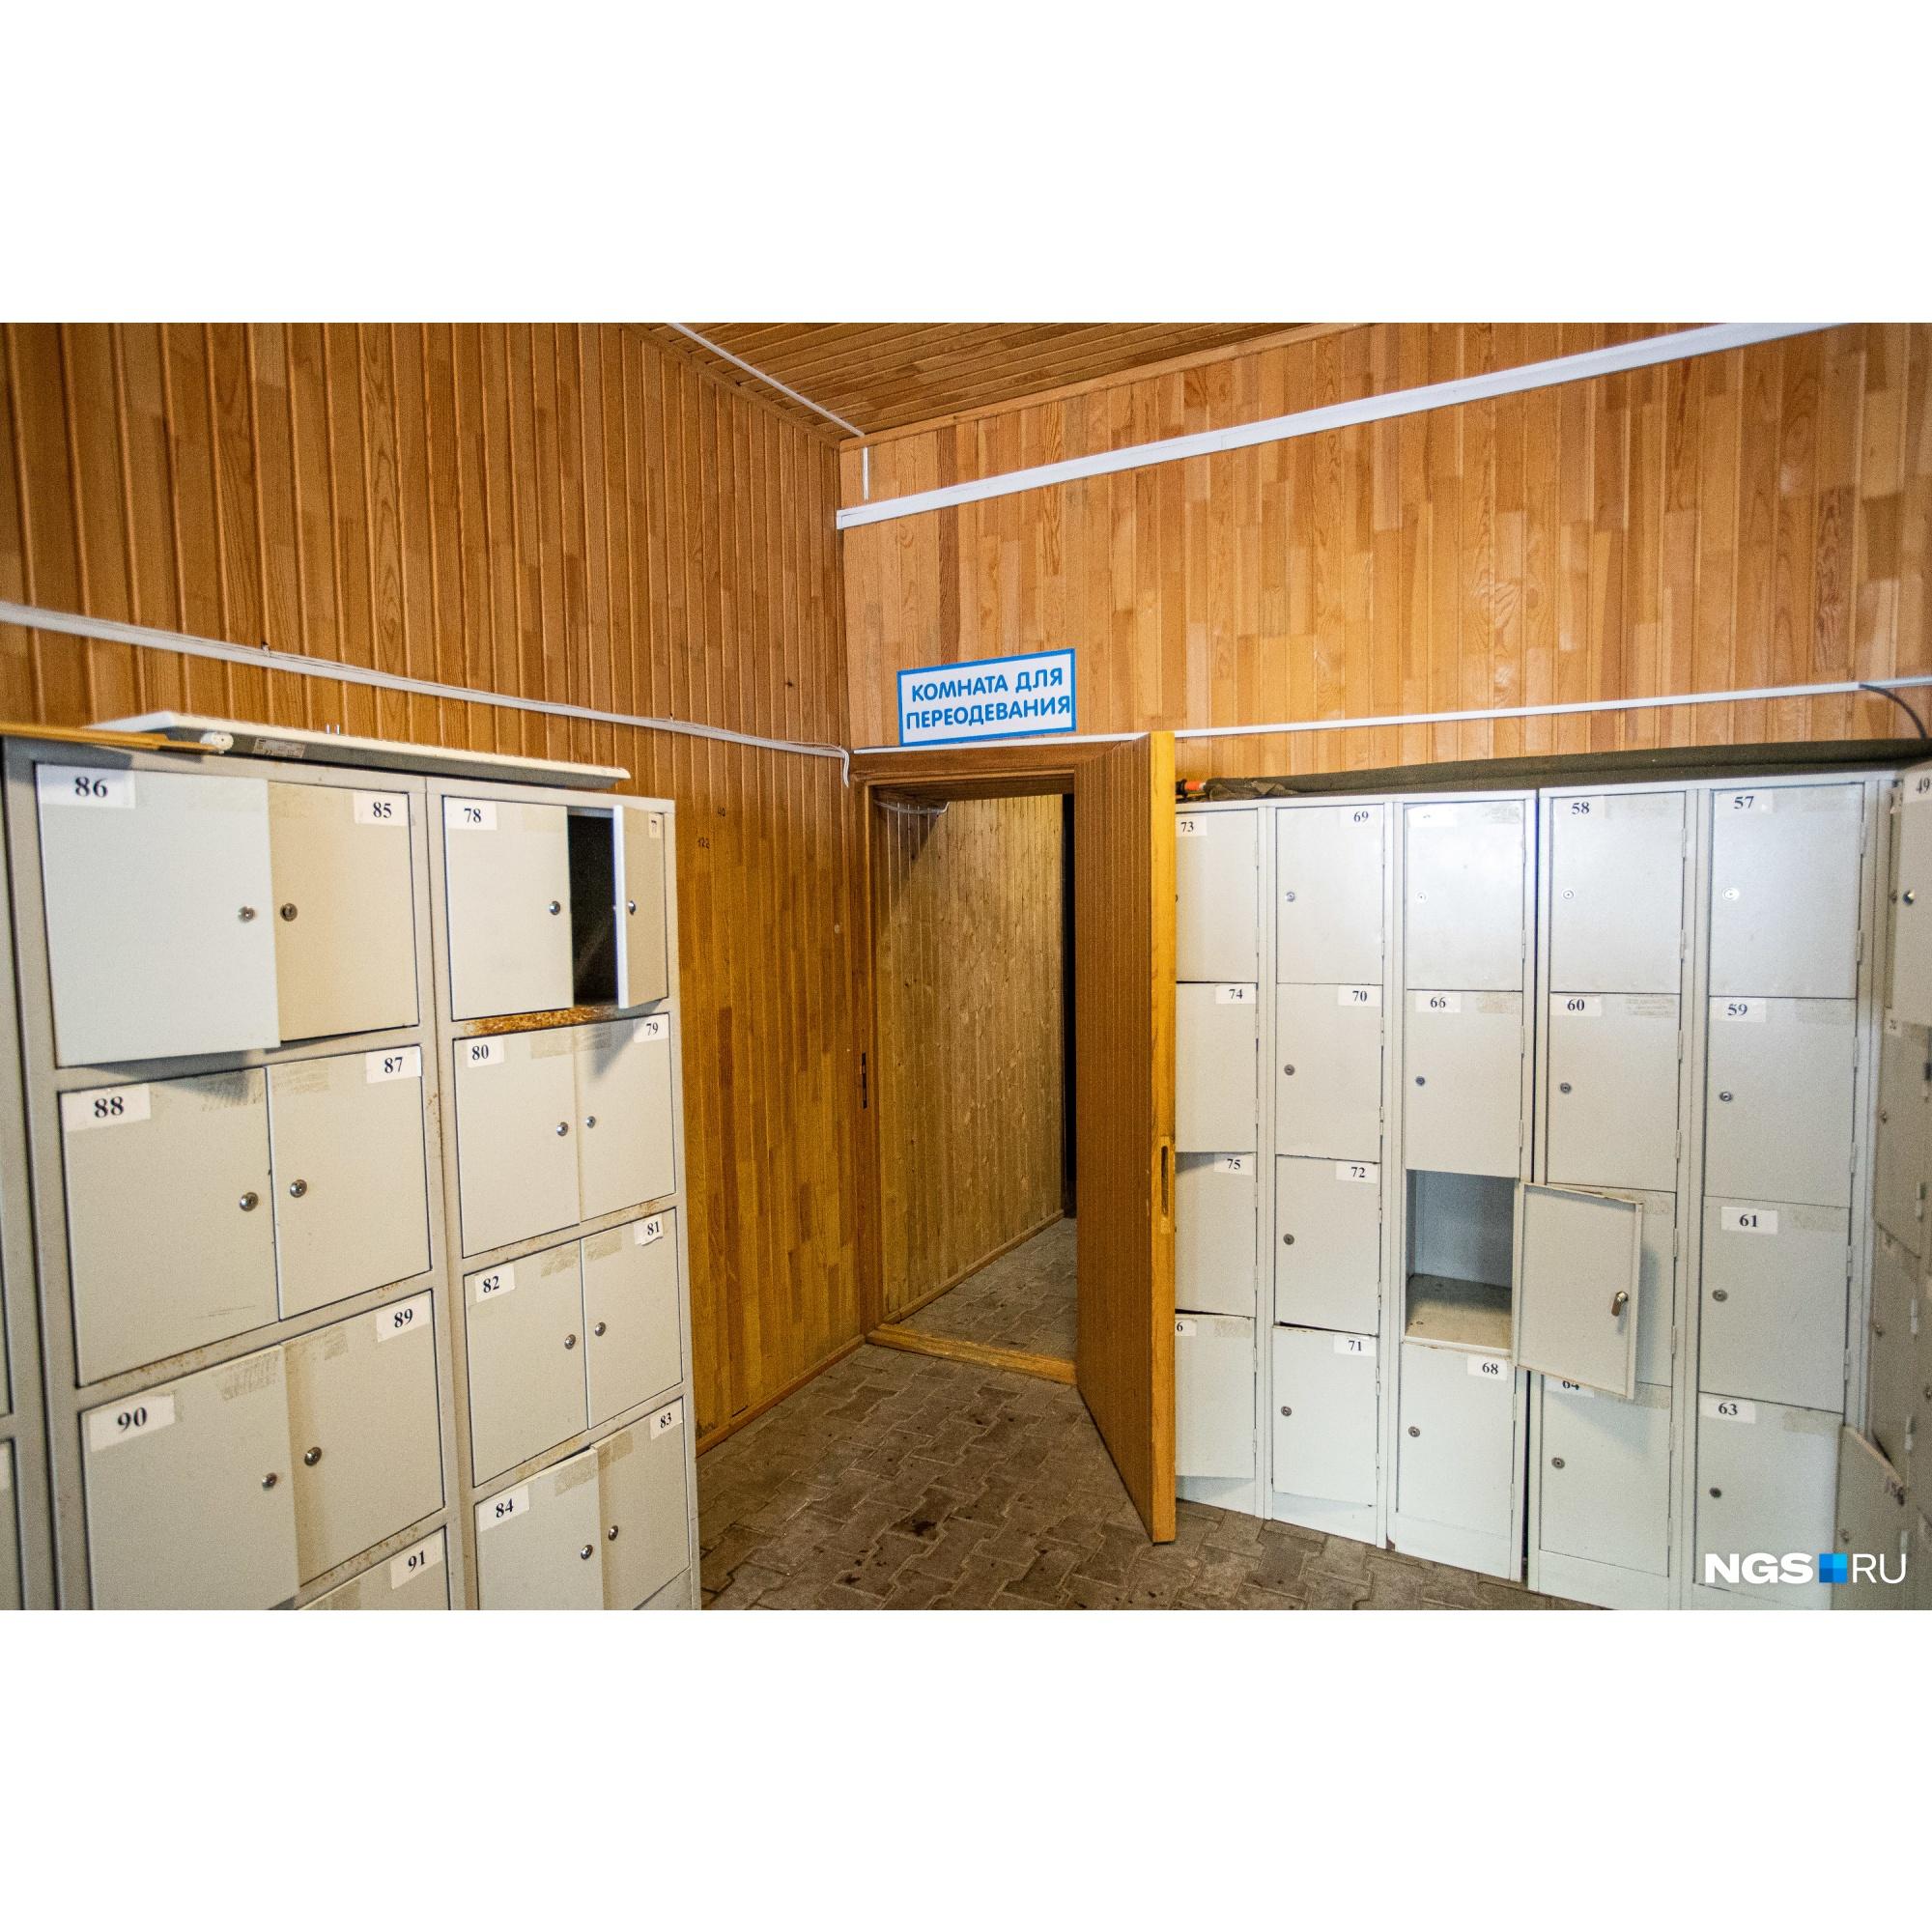 На территории комплекса есть ячейки для хранения вещей и теплые раздевалки, но всё это далеко, поэтому многие предпочитают переодеваться в машине